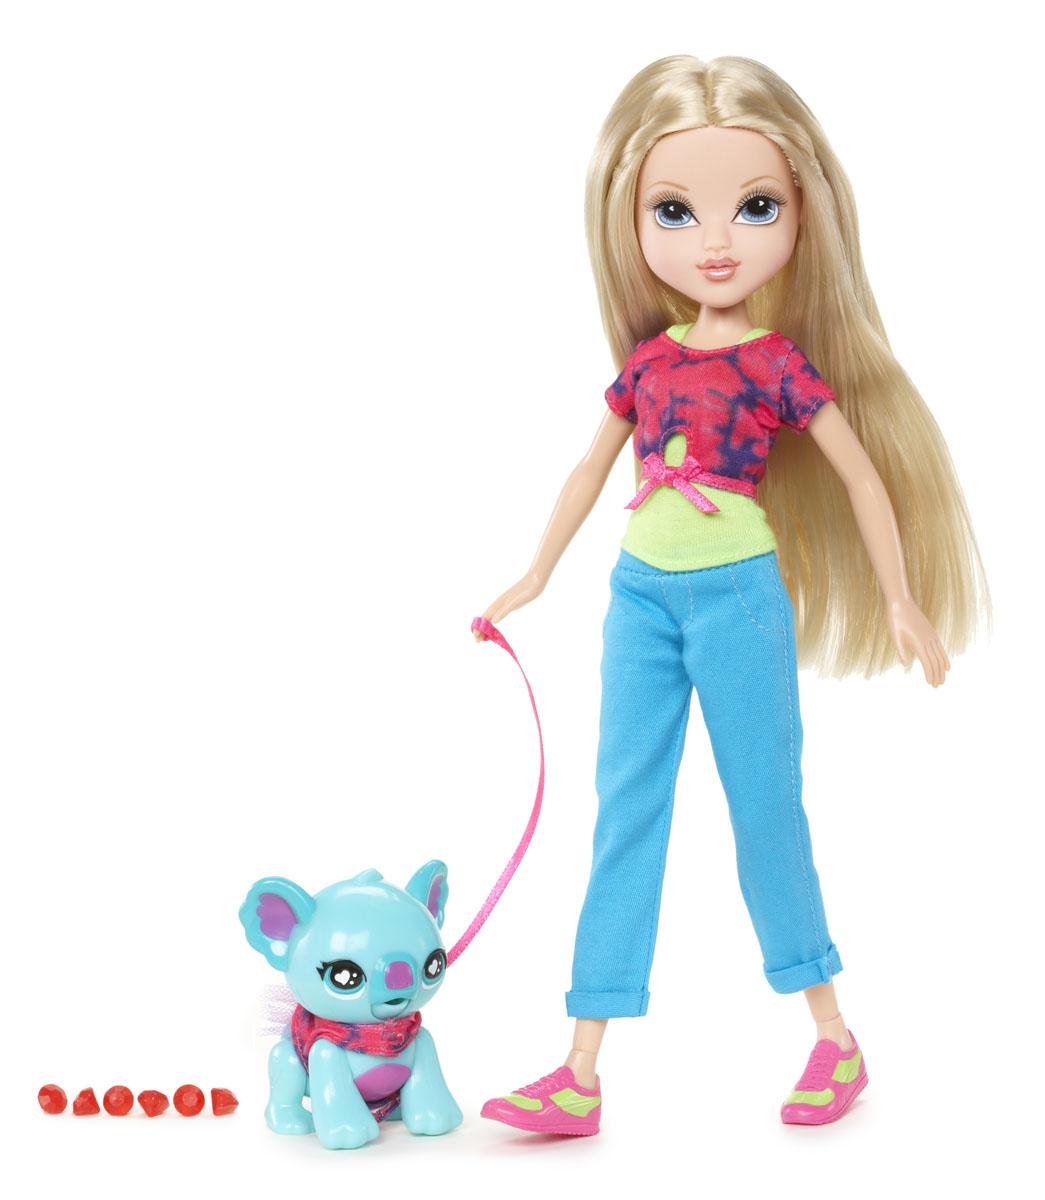 Moxie Кукла Эйвери с медвежонком519737Кукла Moxie Эйвери С питомцем - это очаровательная куколка с подвижной головкой и длинными светлыми волосами. Она одета в зеленую майку, розовый топ и голубые брючки, на ногах - розовые кроссовки с салатовыми вставками. В комплект входит любимый питомец Эйвери - необычный медвежонок бирюзового цвета, а также шесть красных кристаллов, которыми можно его покормить. Ваш ребенок будет с удовольствием играть с яркой необычной куколкой и ее питомцем, придумывая различные истории.